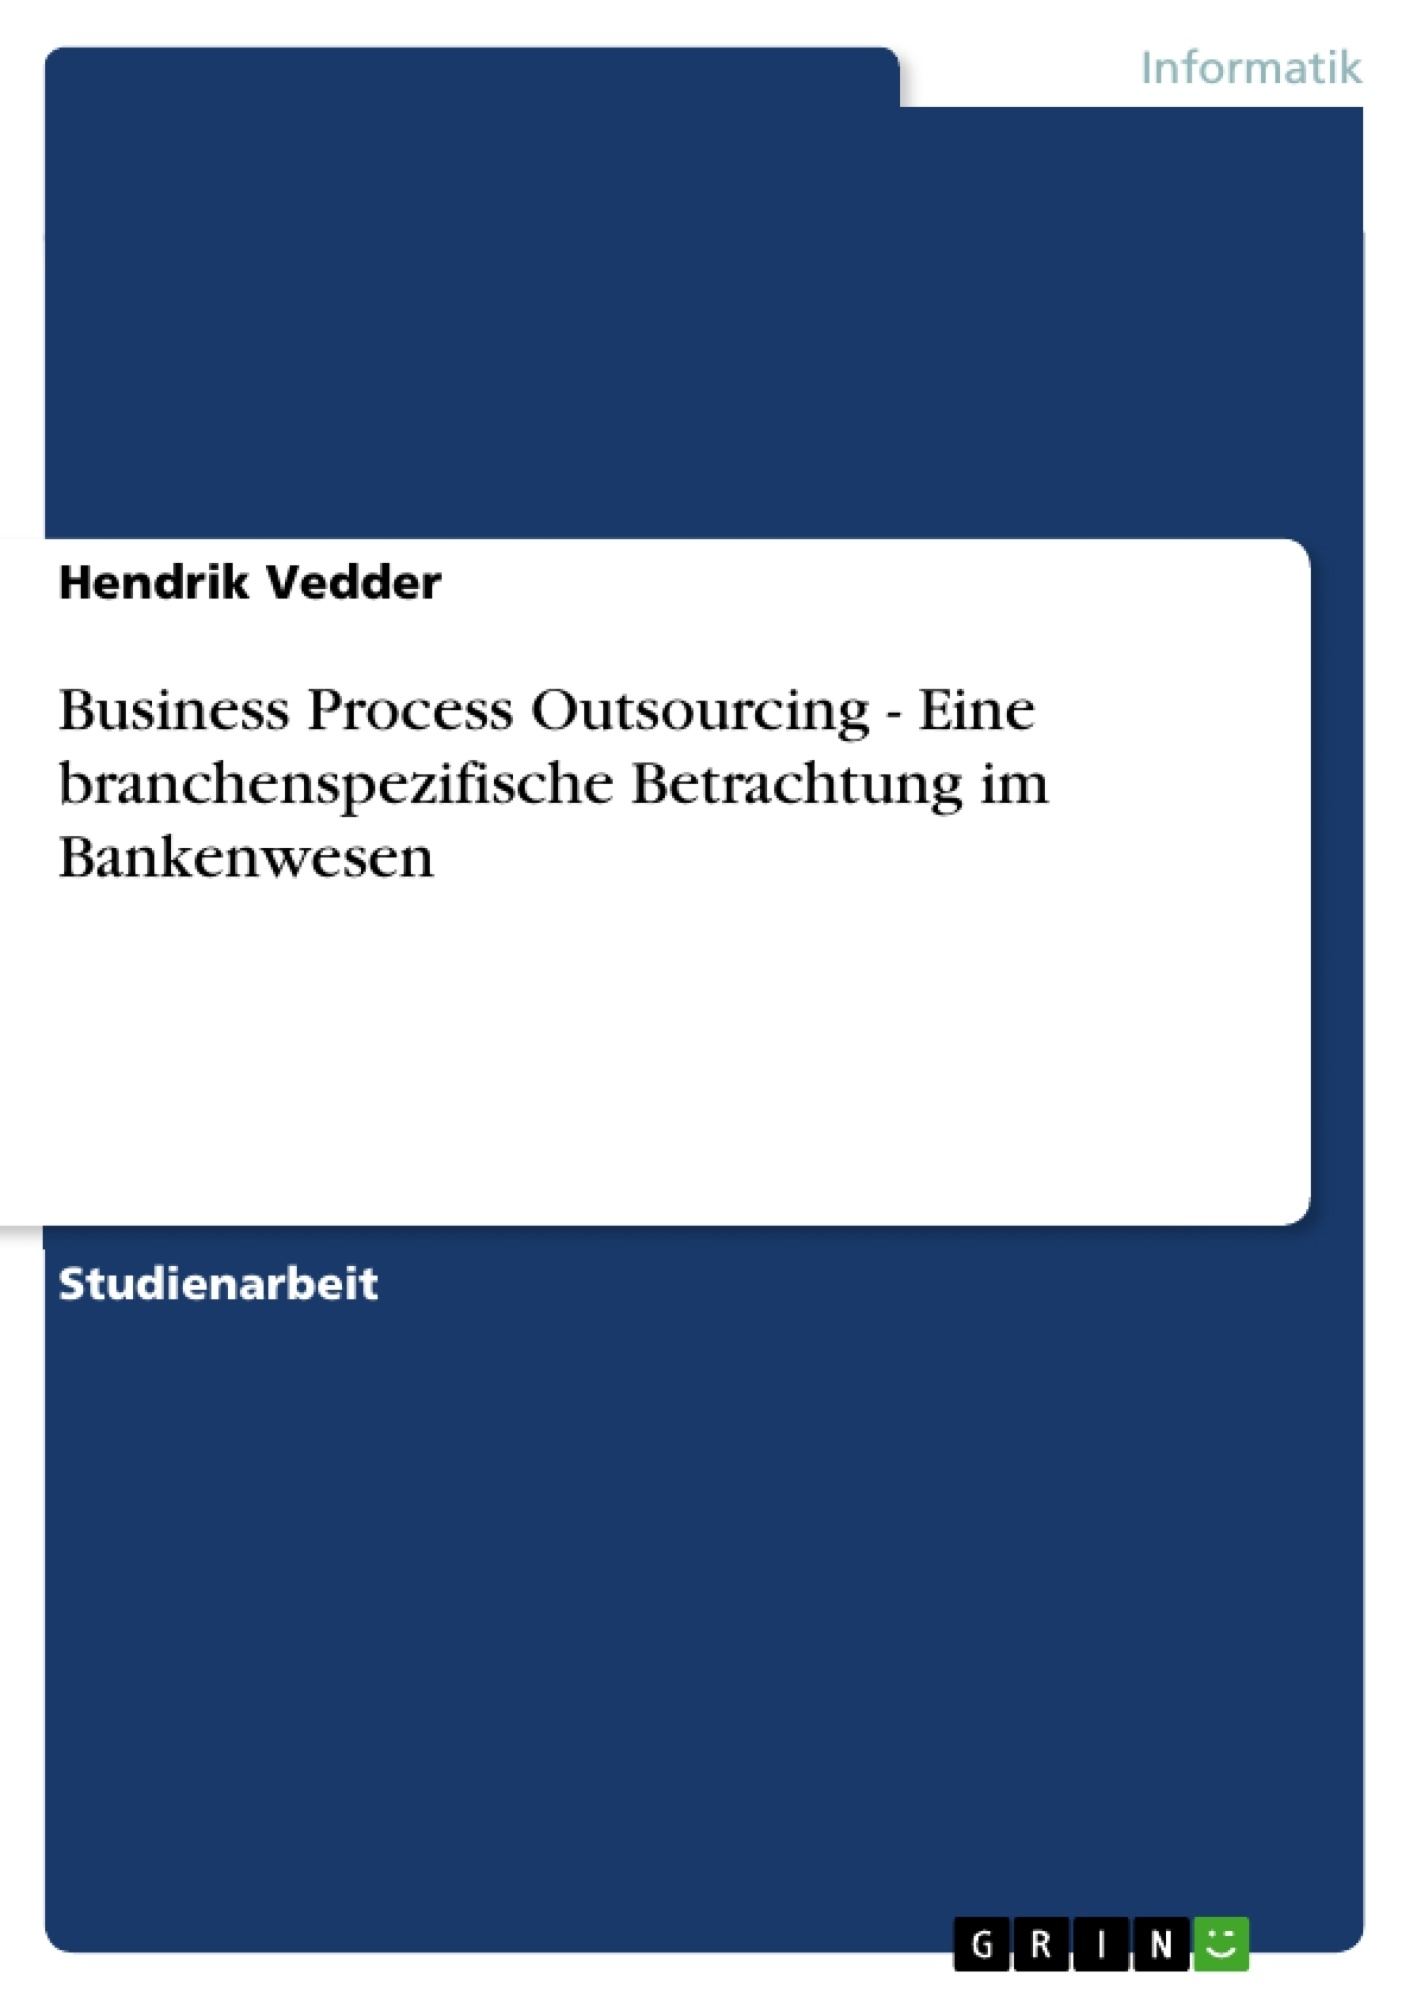 Titel: Business Process Outsourcing - Eine branchenspezifische Betrachtung im Bankenwesen